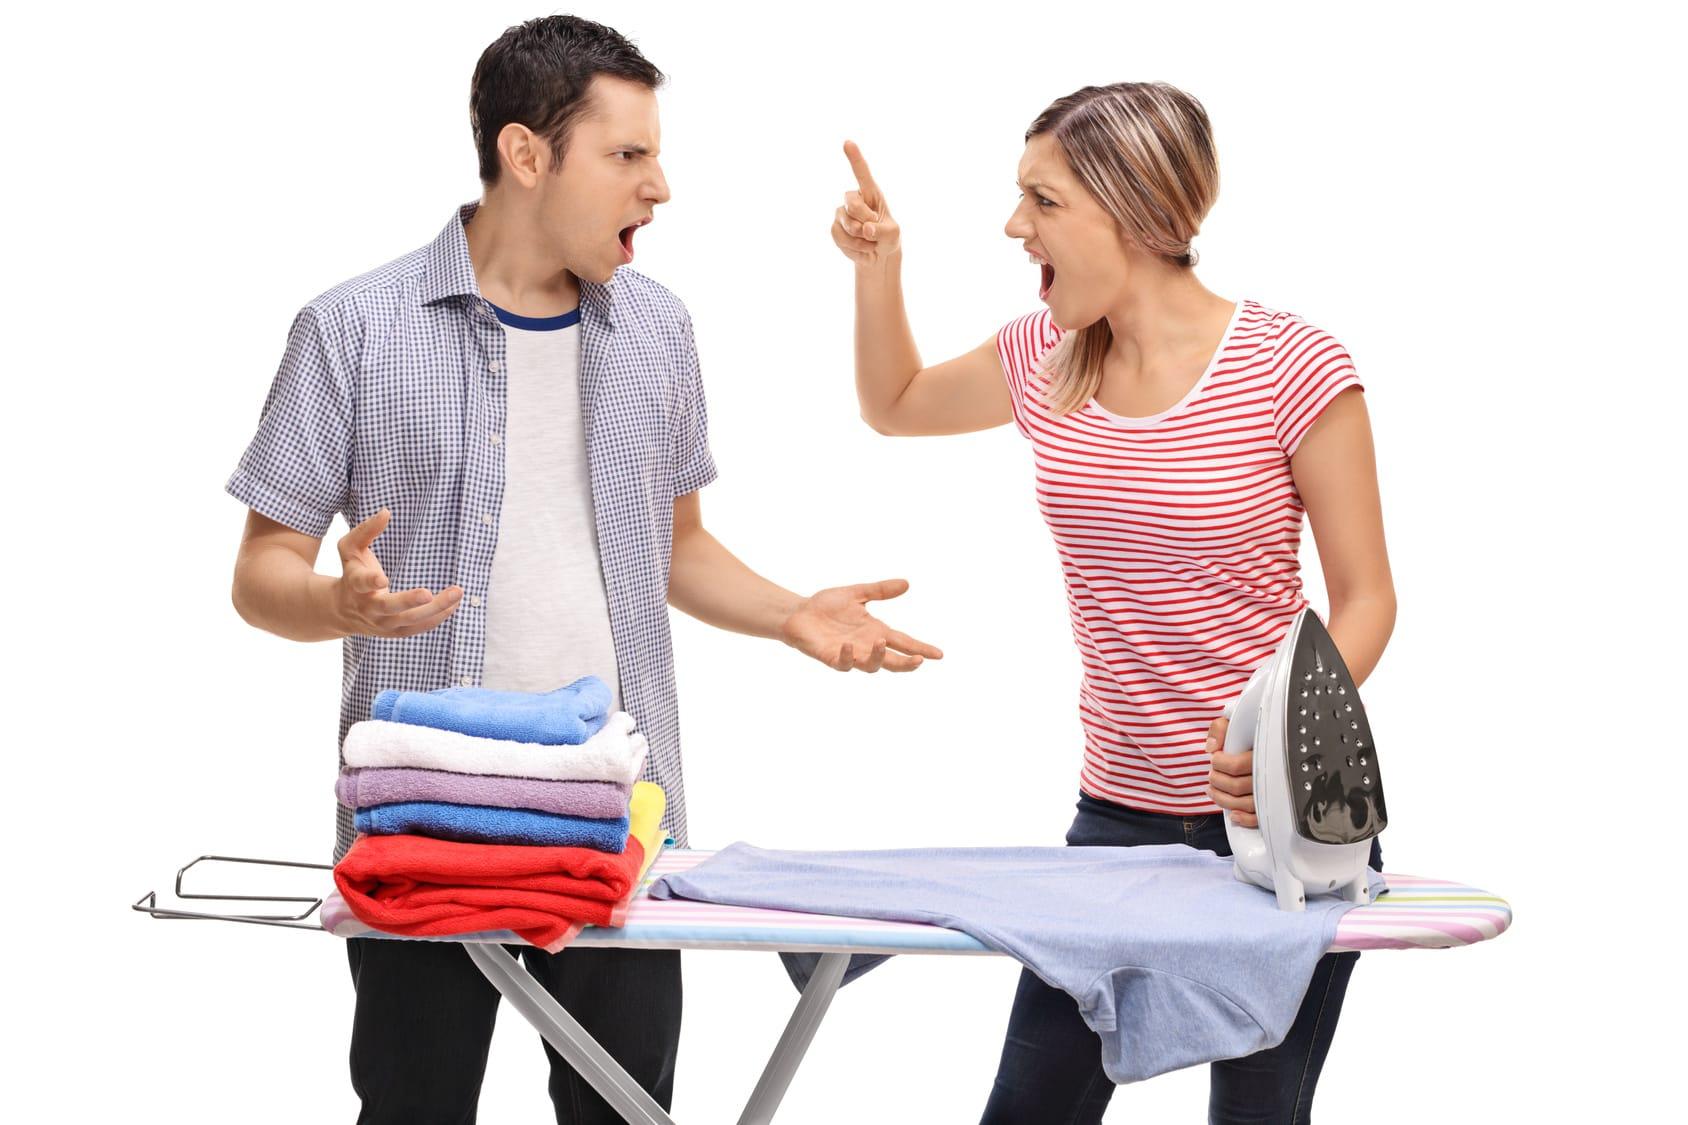 Streit um die Hausarbeit – 5 Tipps die Zoff vermeiden